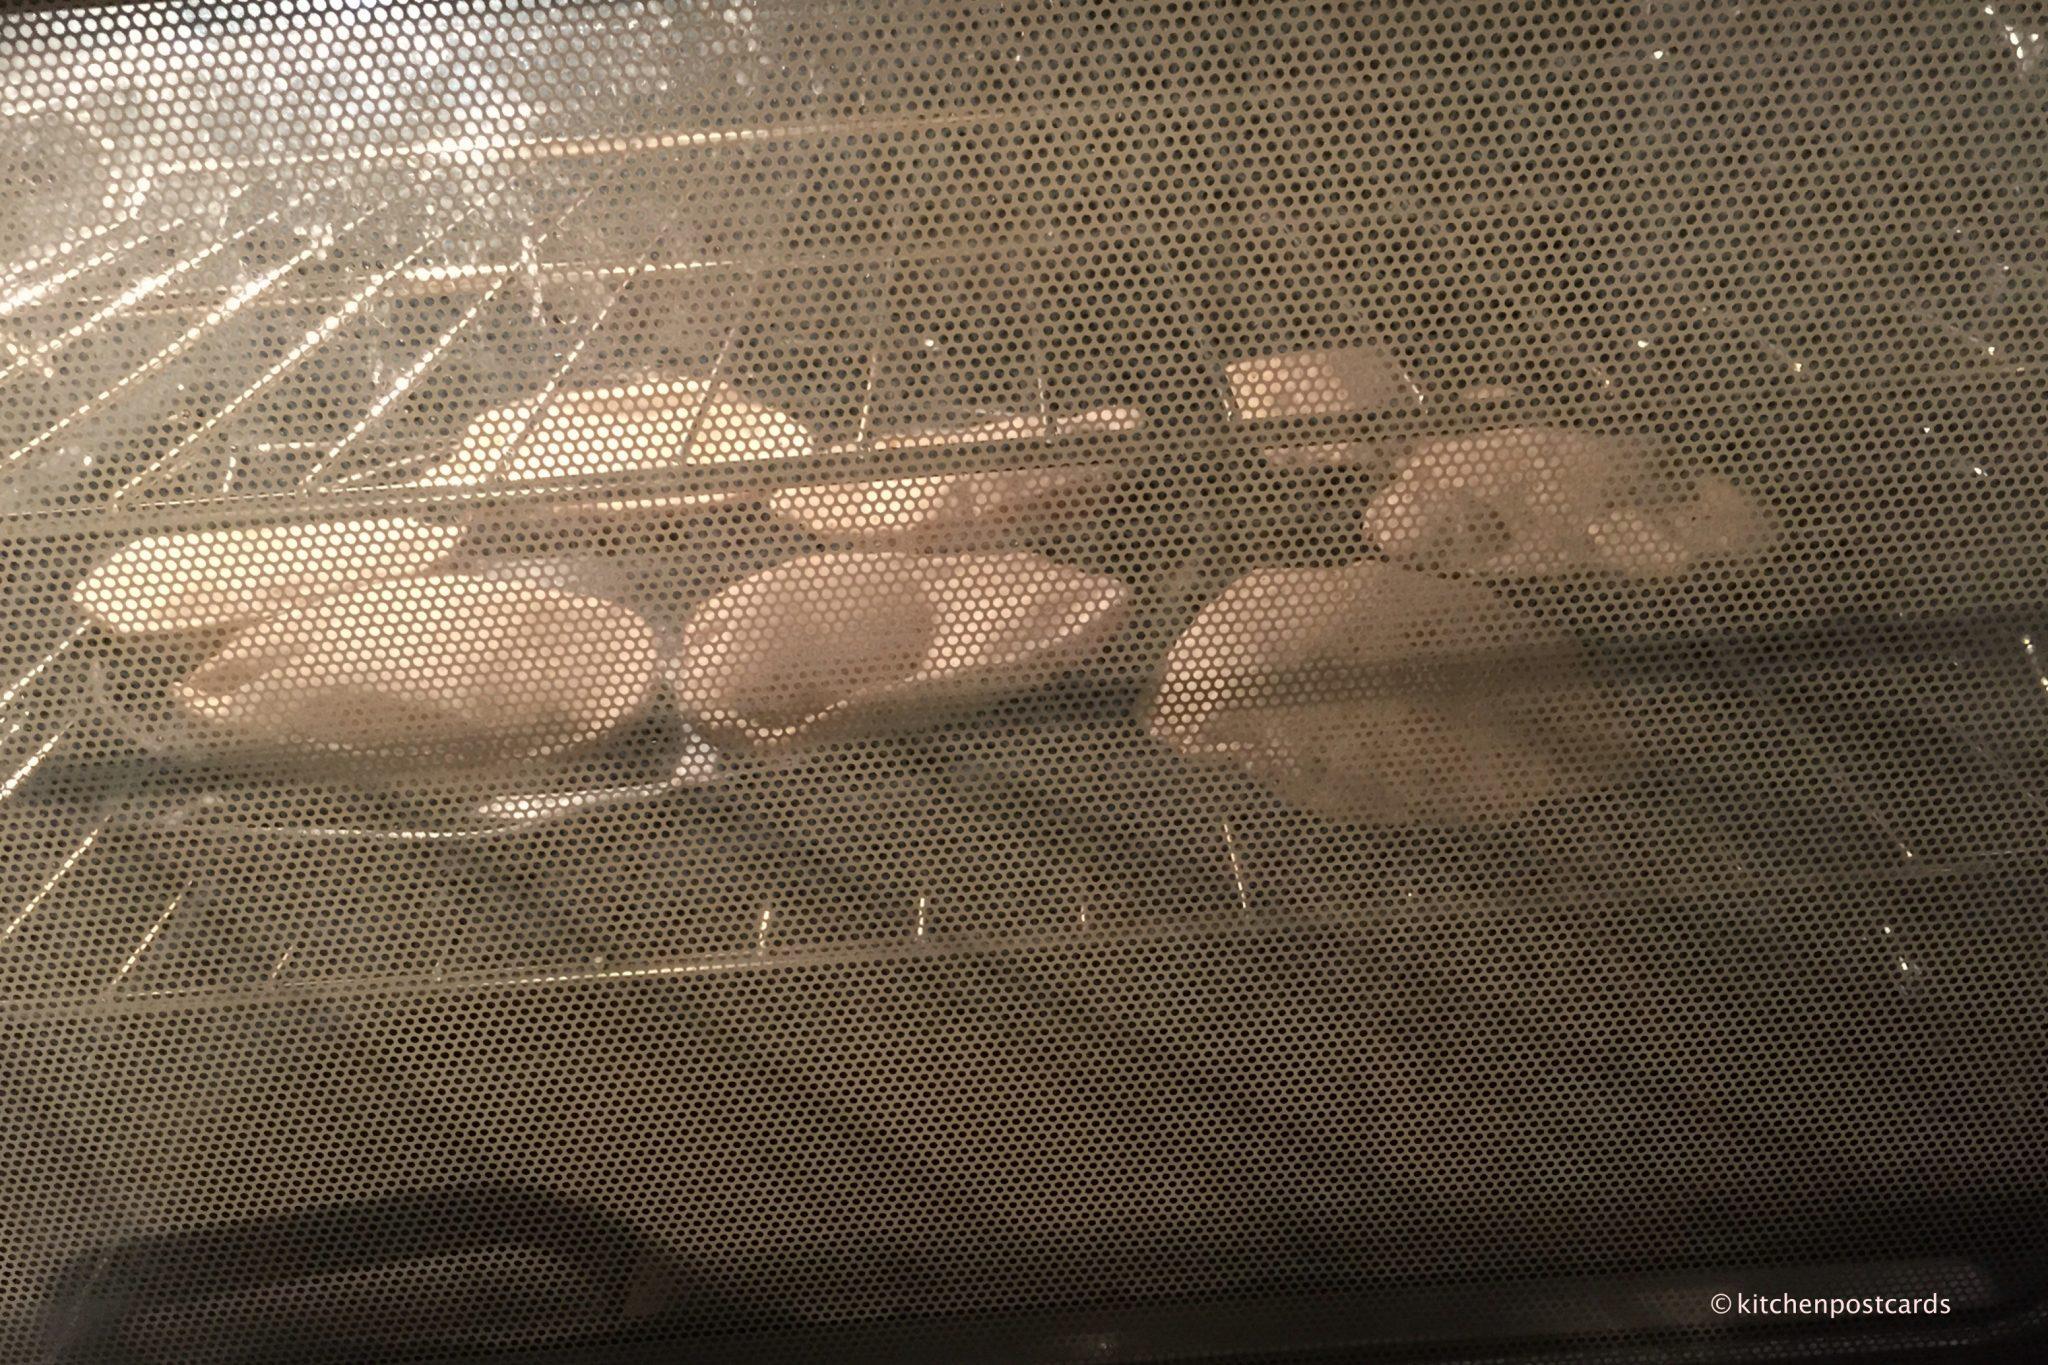 Baking Pita